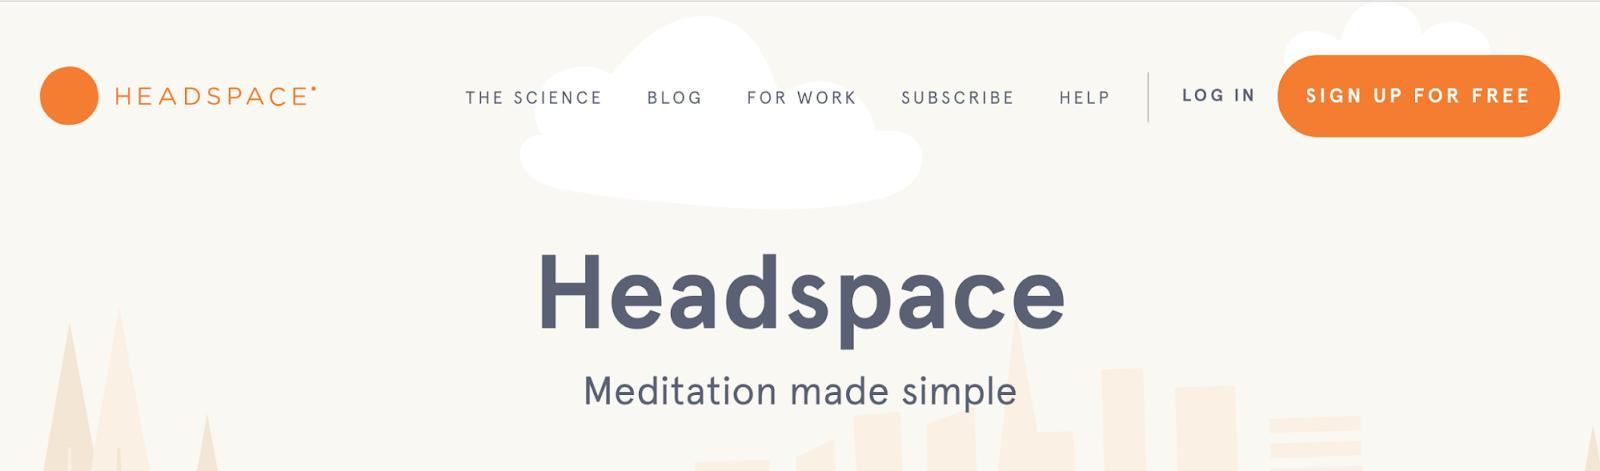 Screenshot showing Headspace